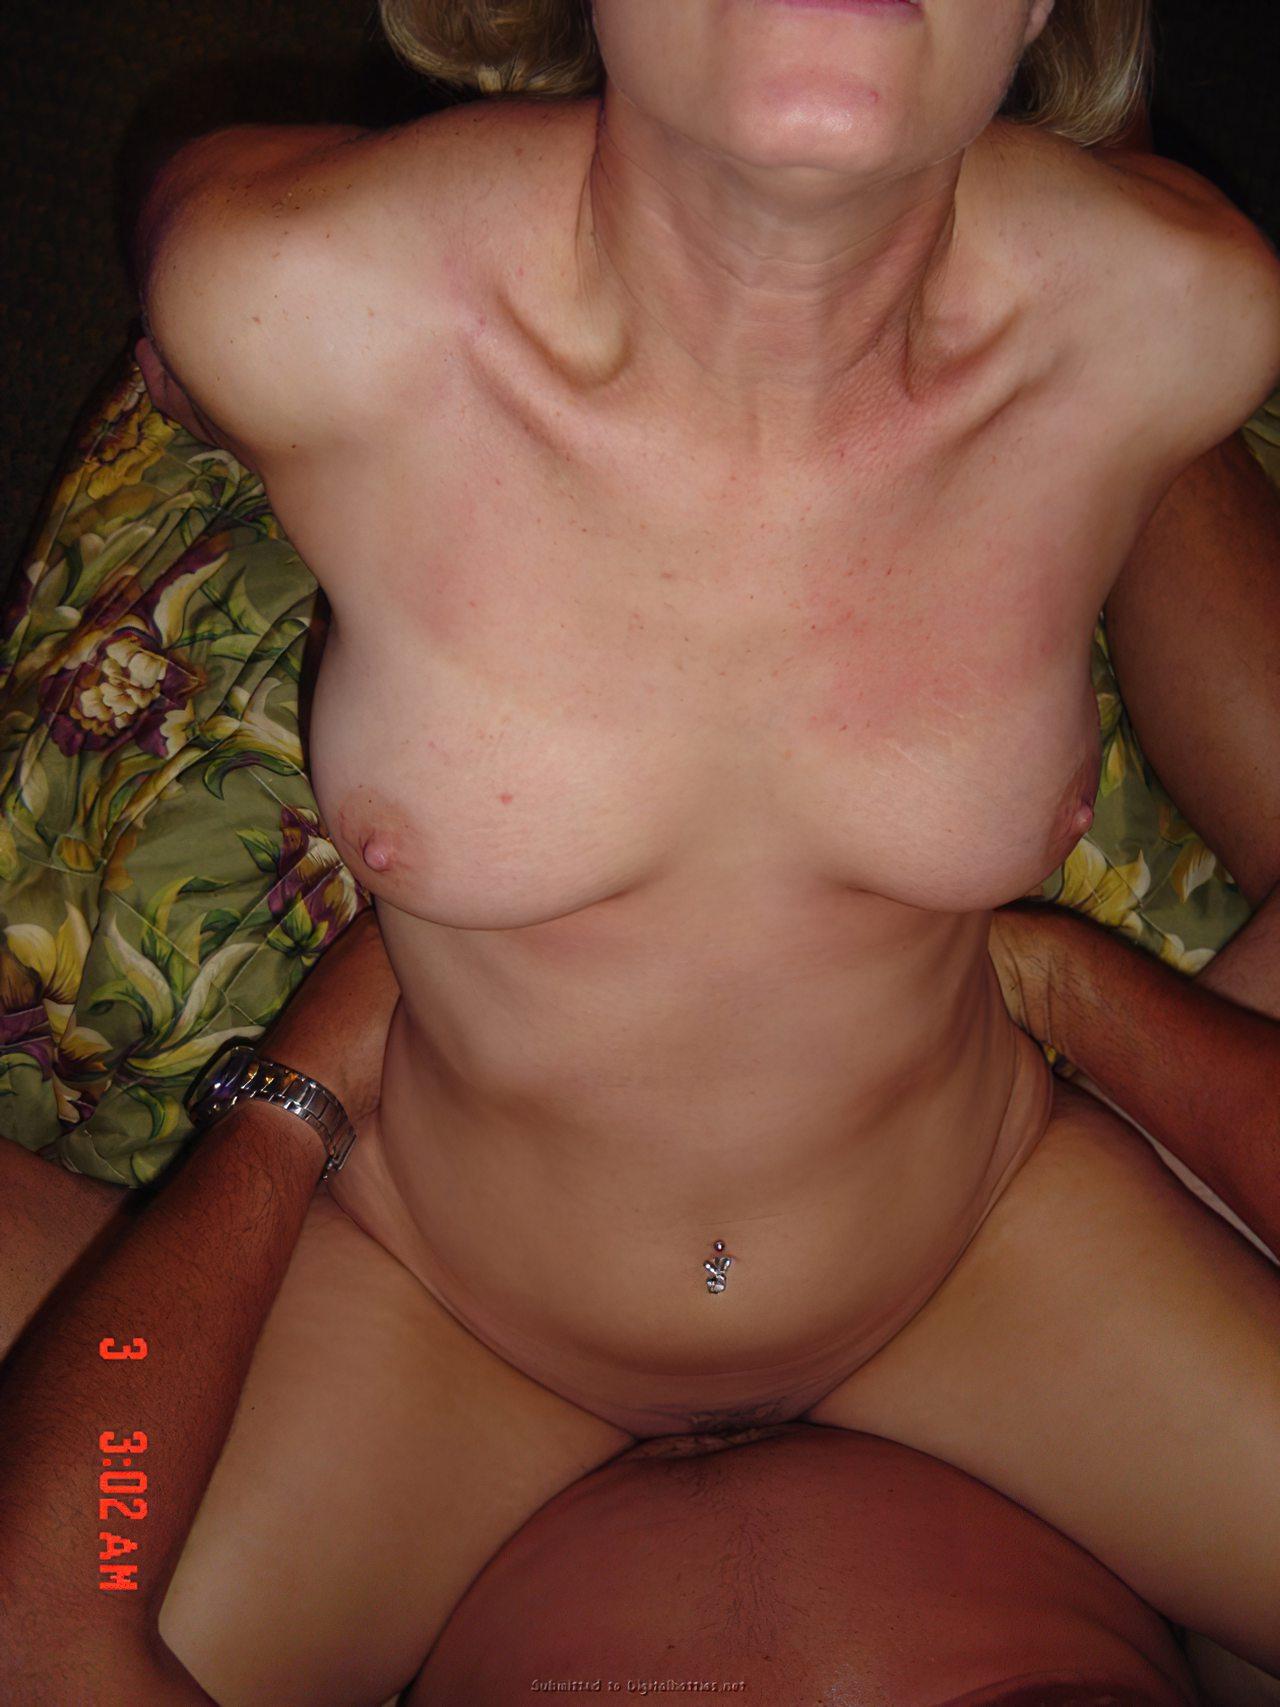 sexo mulheres maduras sexo entre amigos